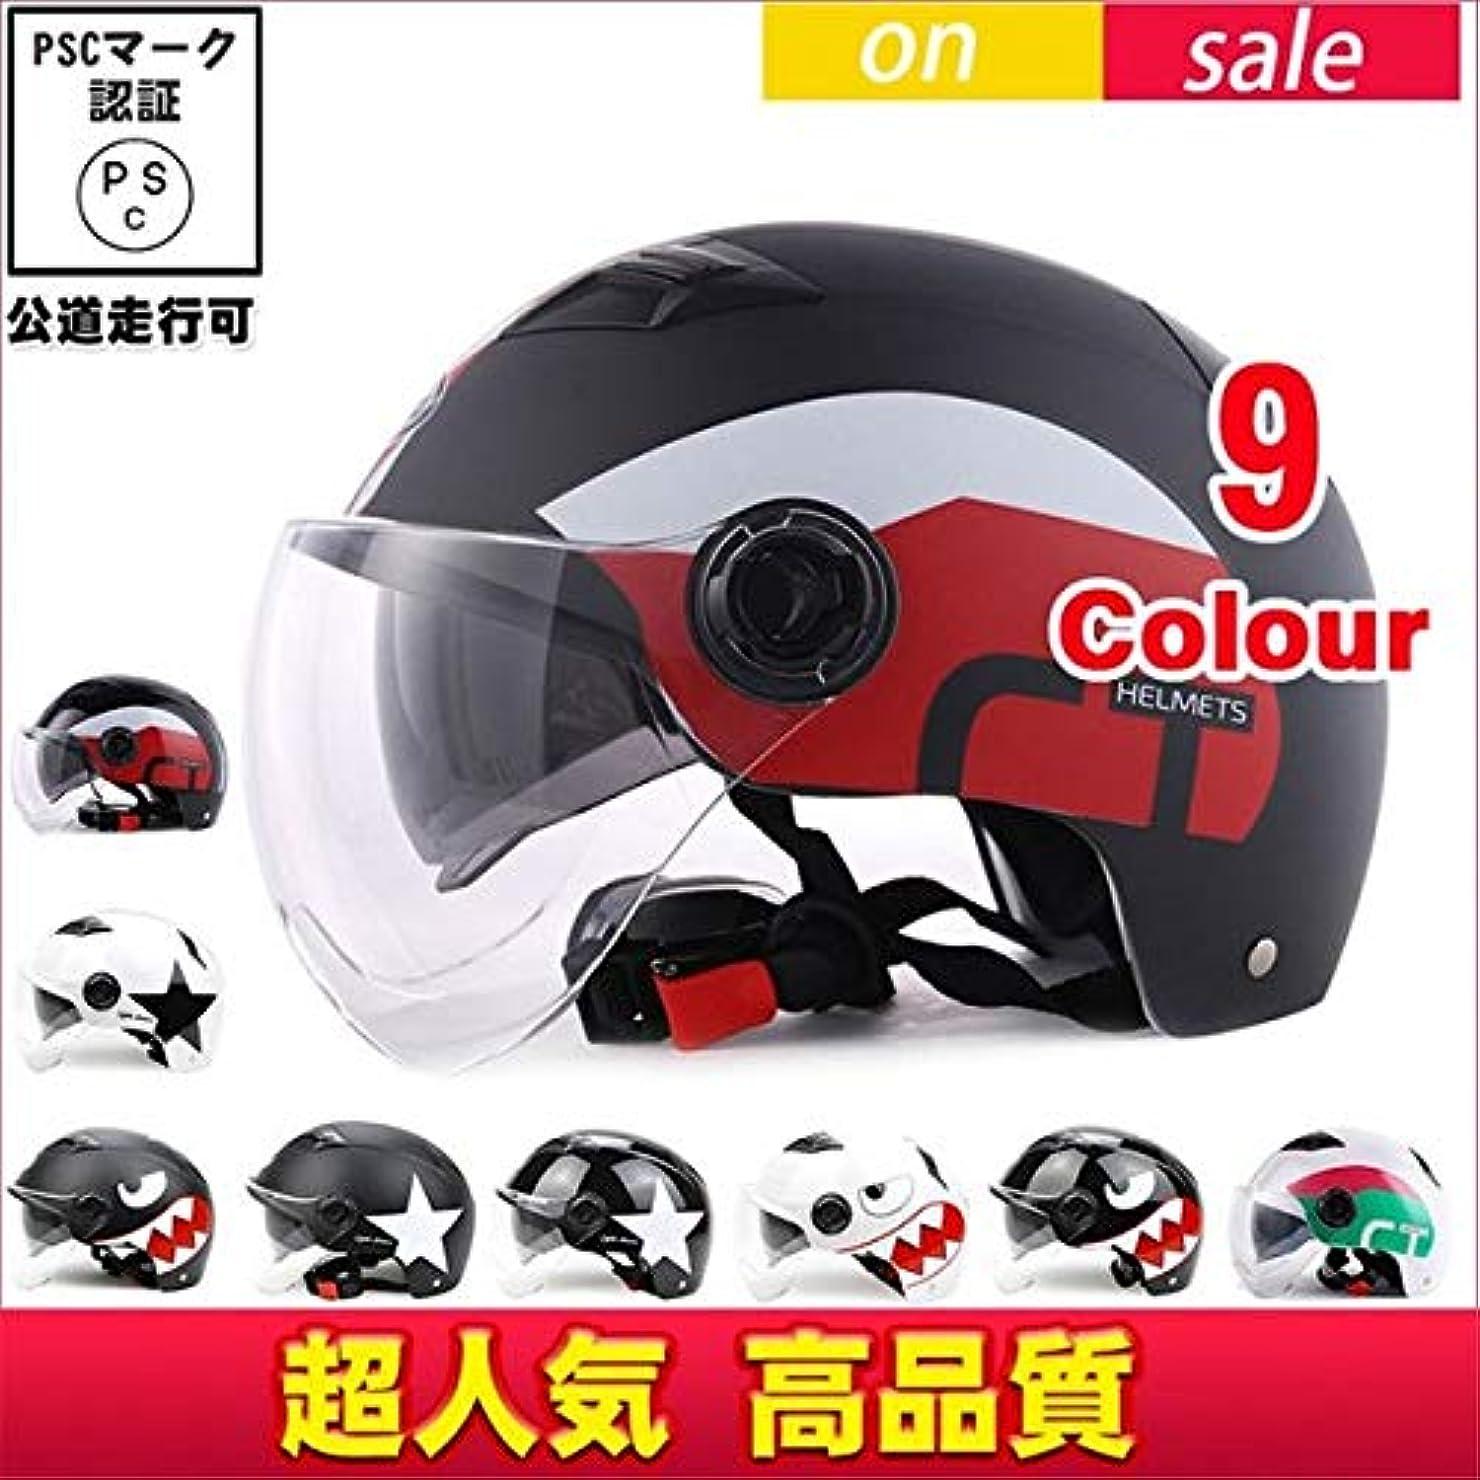 静めるヒープ保安バイクヘルメット ジェットヘルメット 超人気 Bike Helmet ダブルシールドメンズ レディース 半帽ヘルメット 艶消しブラック二重レンズ夏用